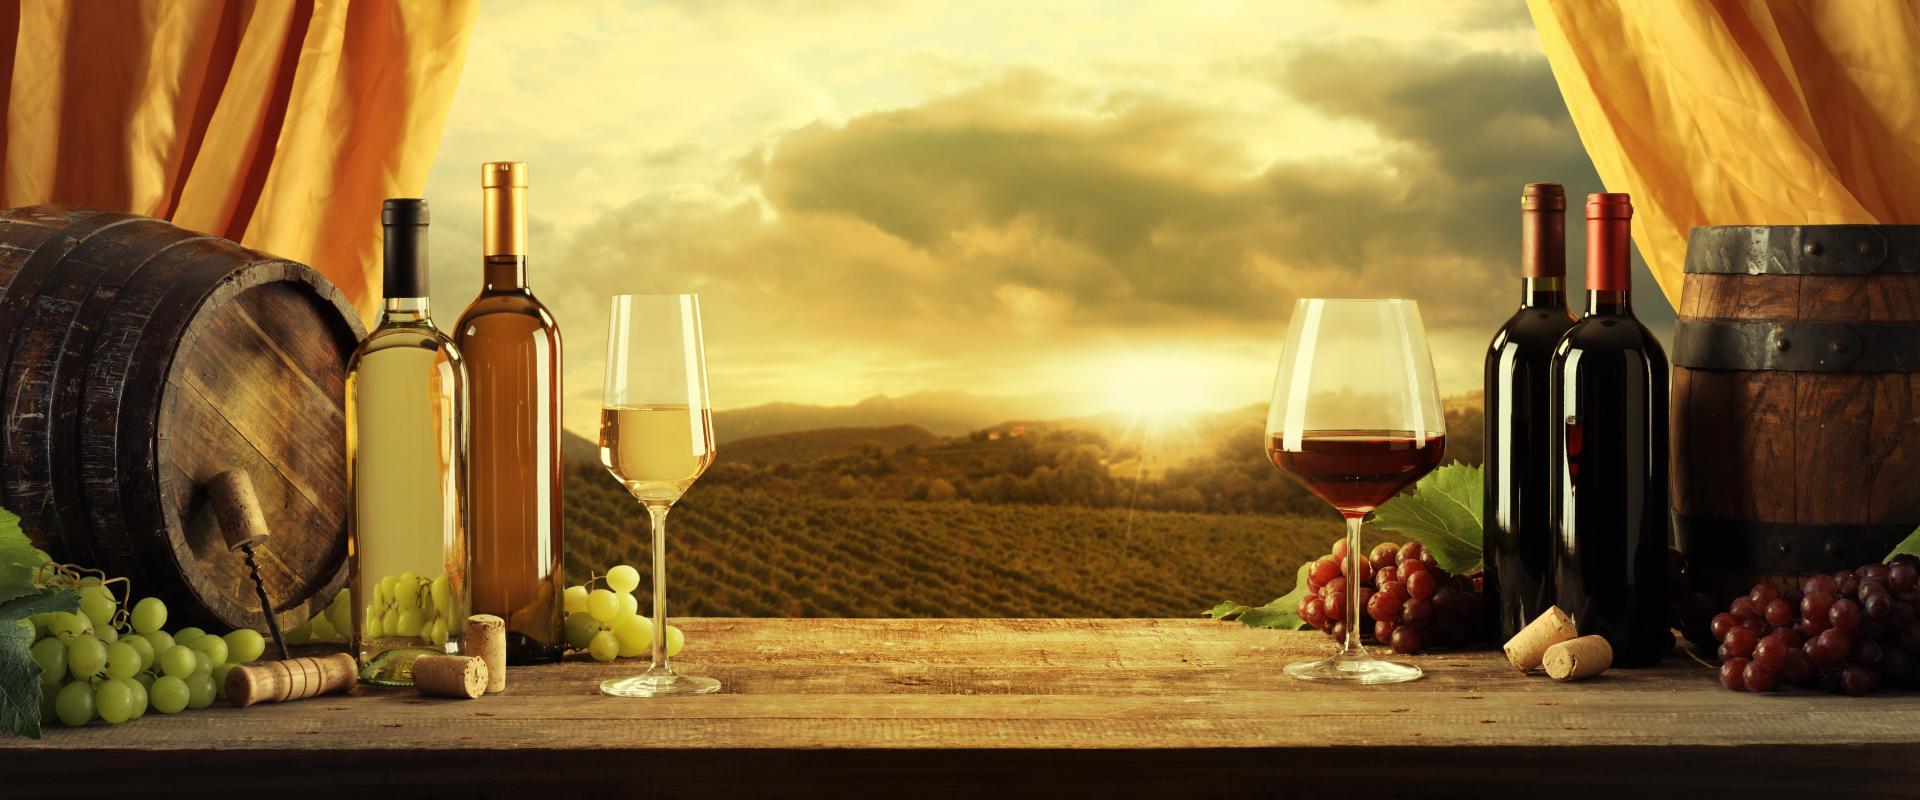 Tasting wine in Chianti area